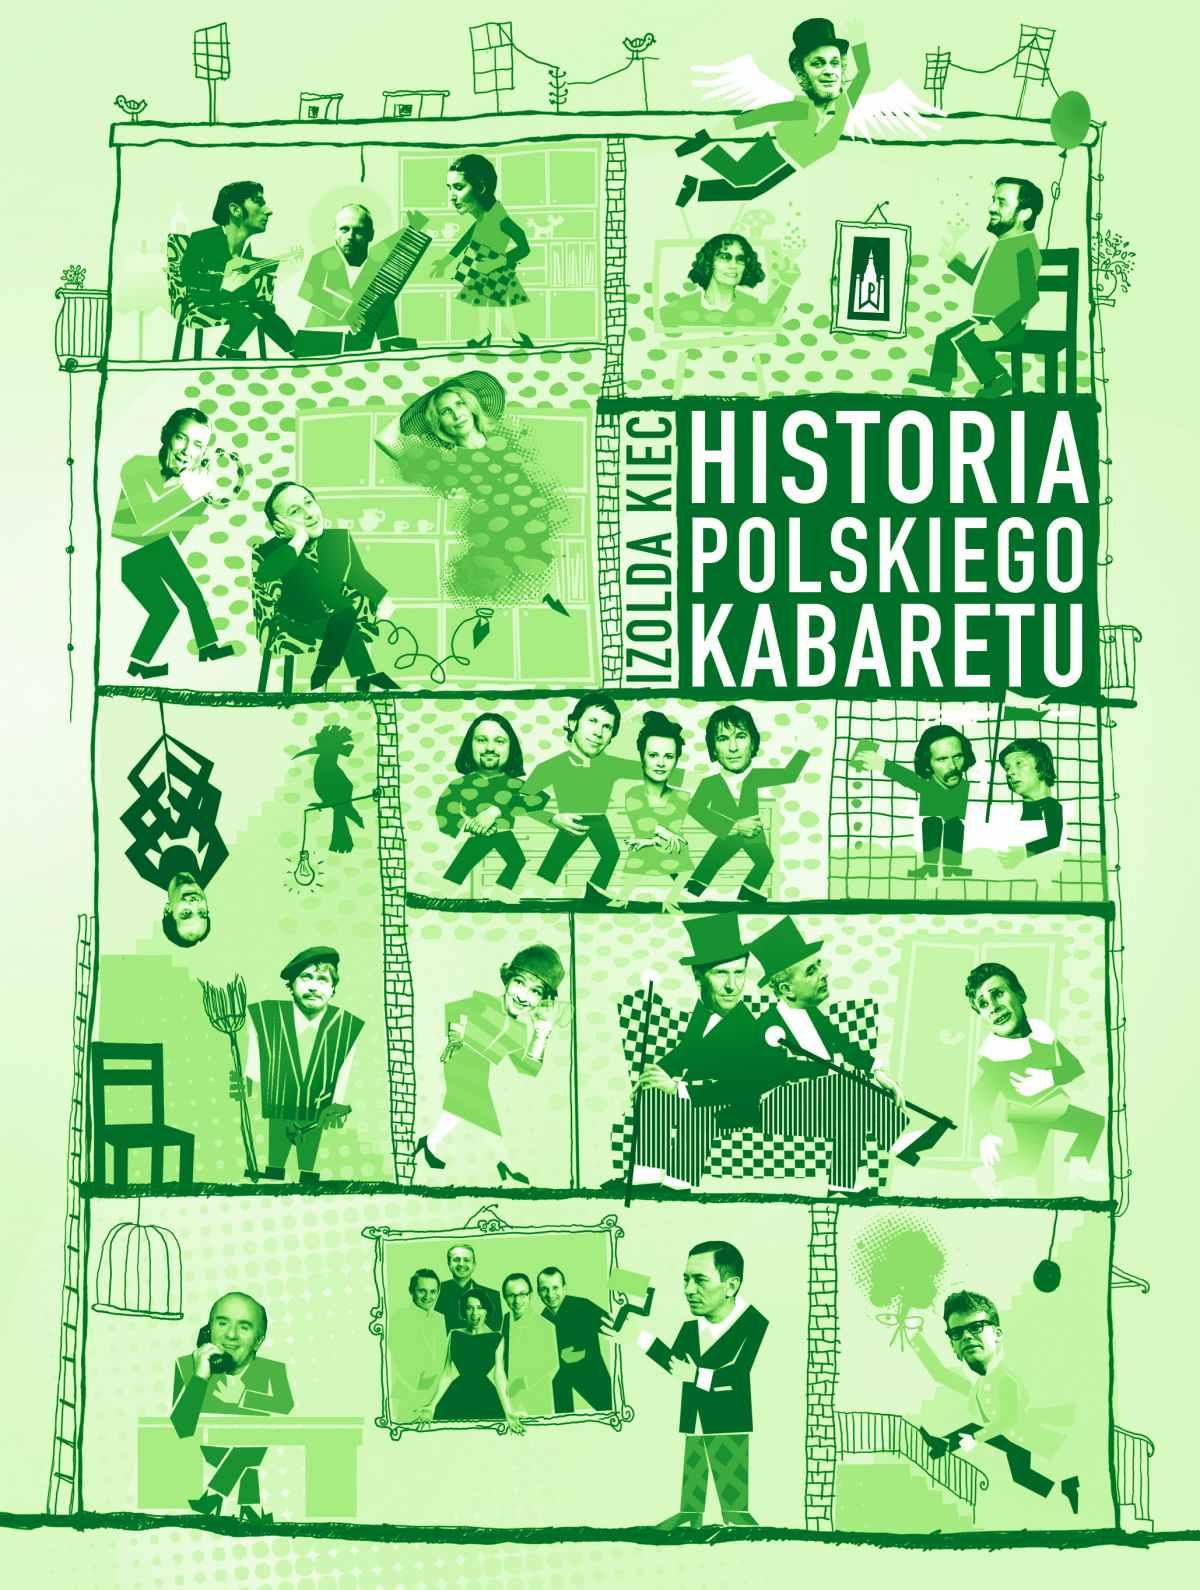 Historia polskiego kabaretu - Ebook (Książka EPUB) do pobrania w formacie EPUB